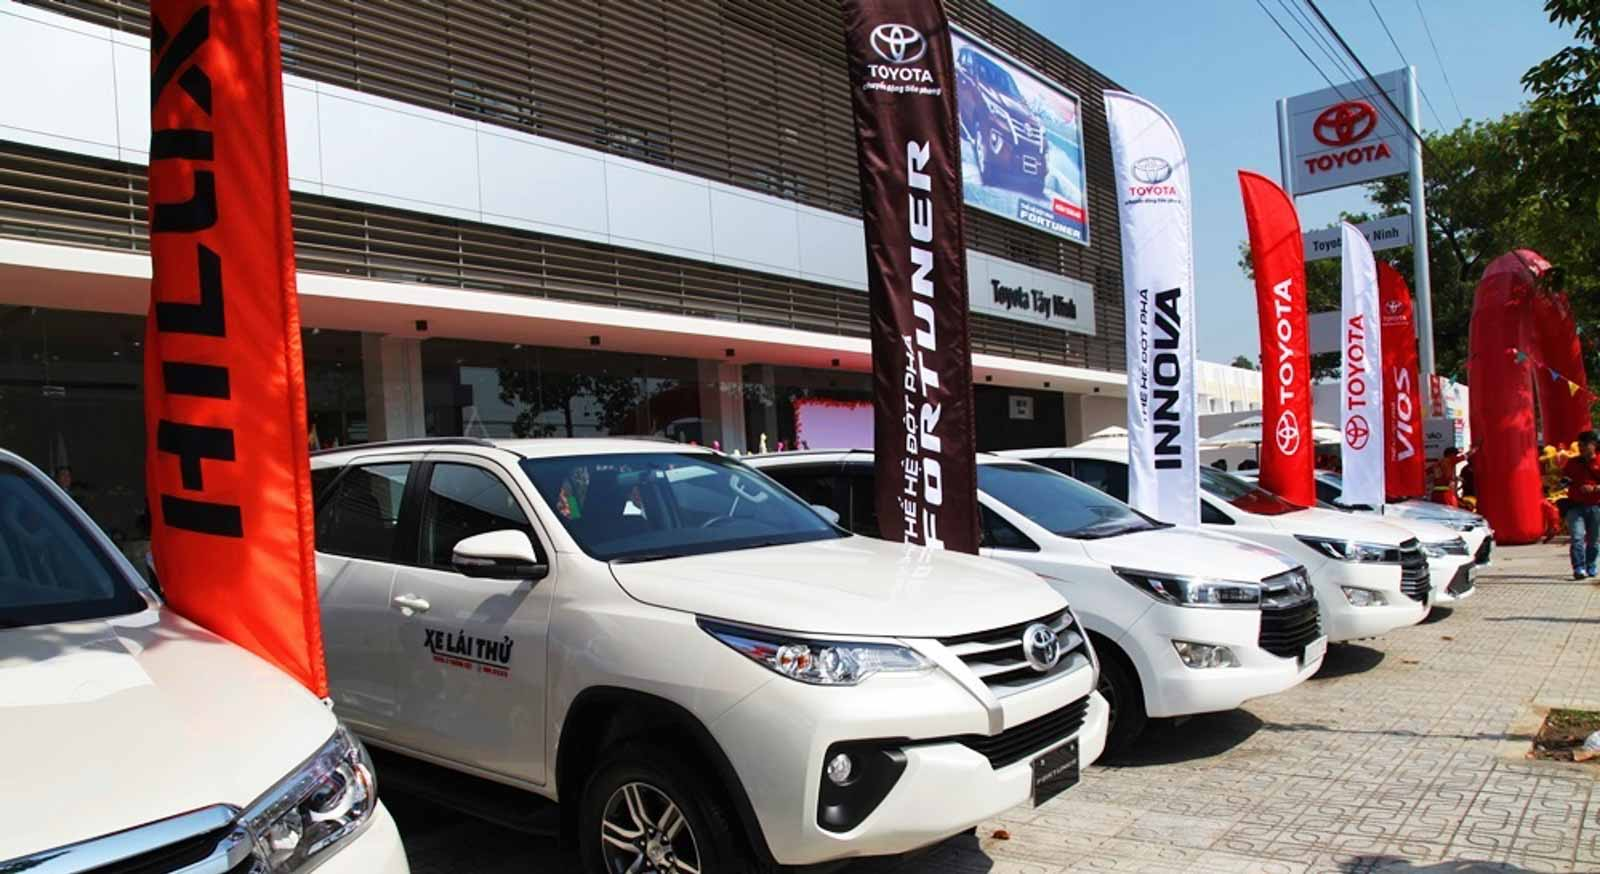 Bảng Giá Xe Toyota 2020 Tại Toyota Tây Ninh